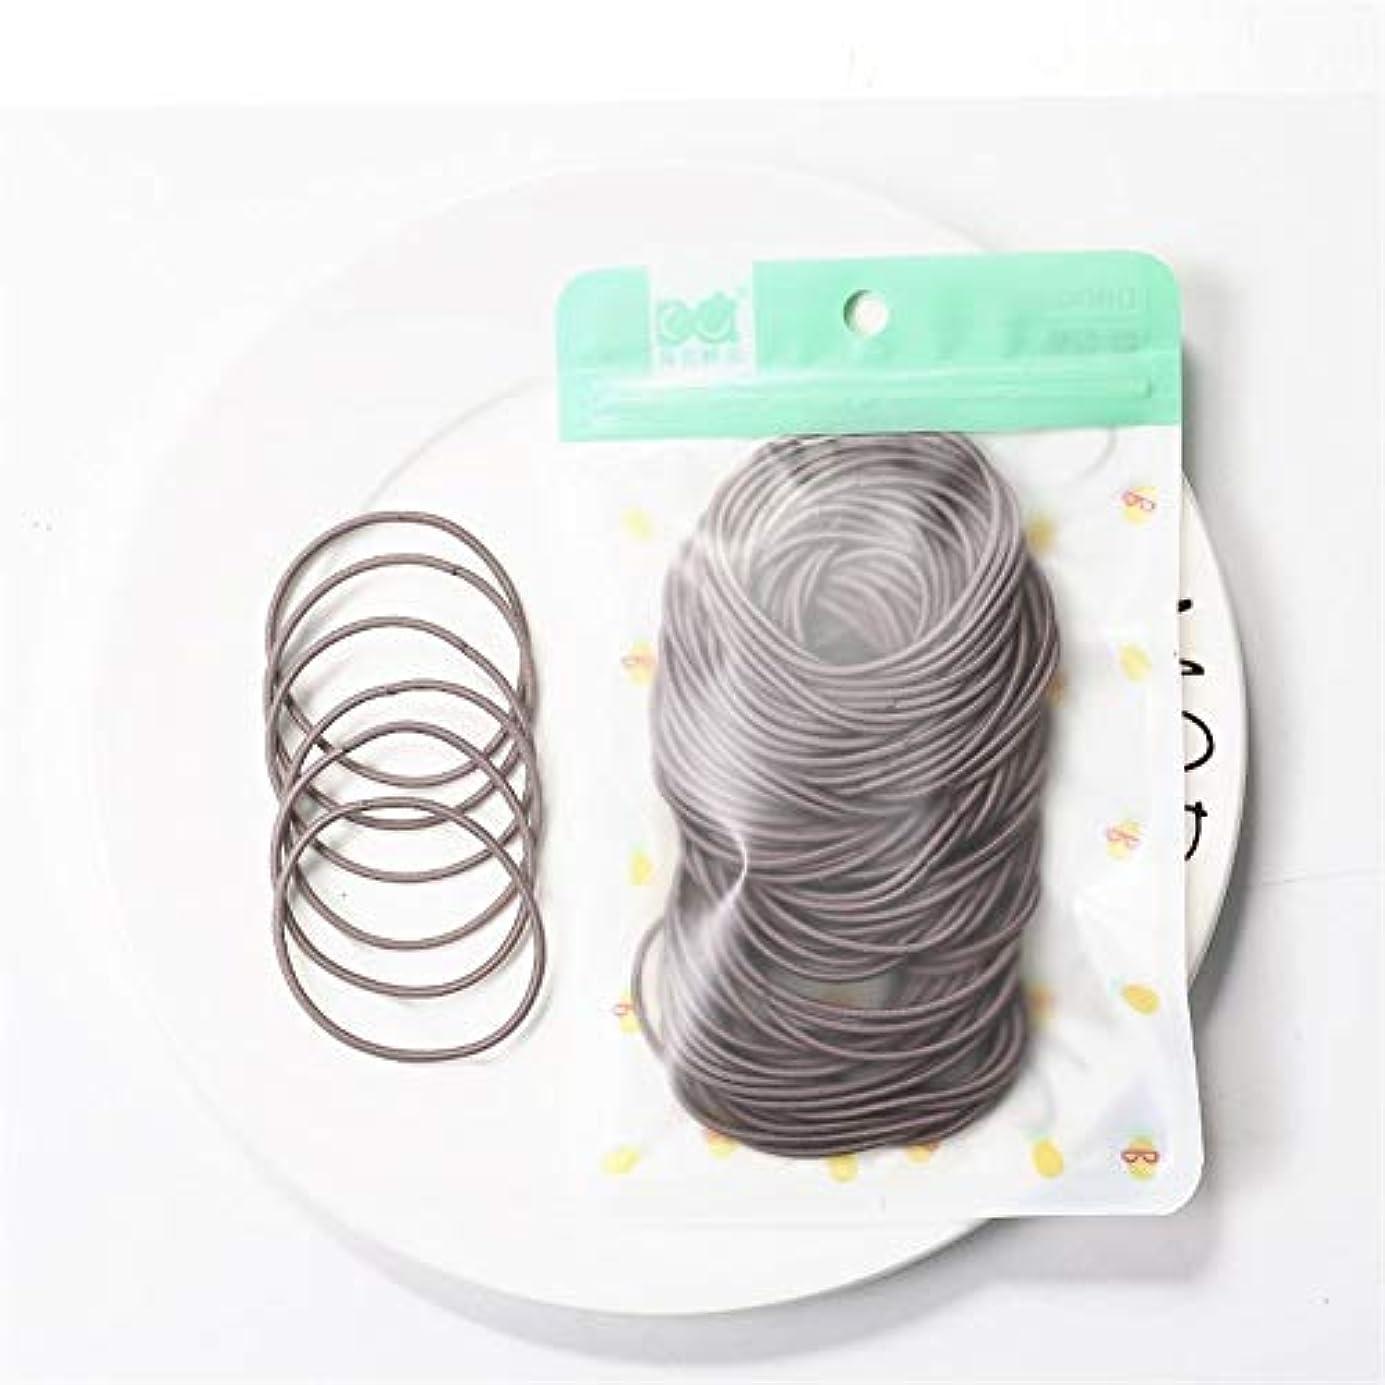 余剰開拓者倍増ZHILI 髪のためのシュシュ弾性ヘアバンドヘッドバンドの女の子の装飾タイガムgummibänderヘアアクセサリーの女性の100枚 (Color : E)